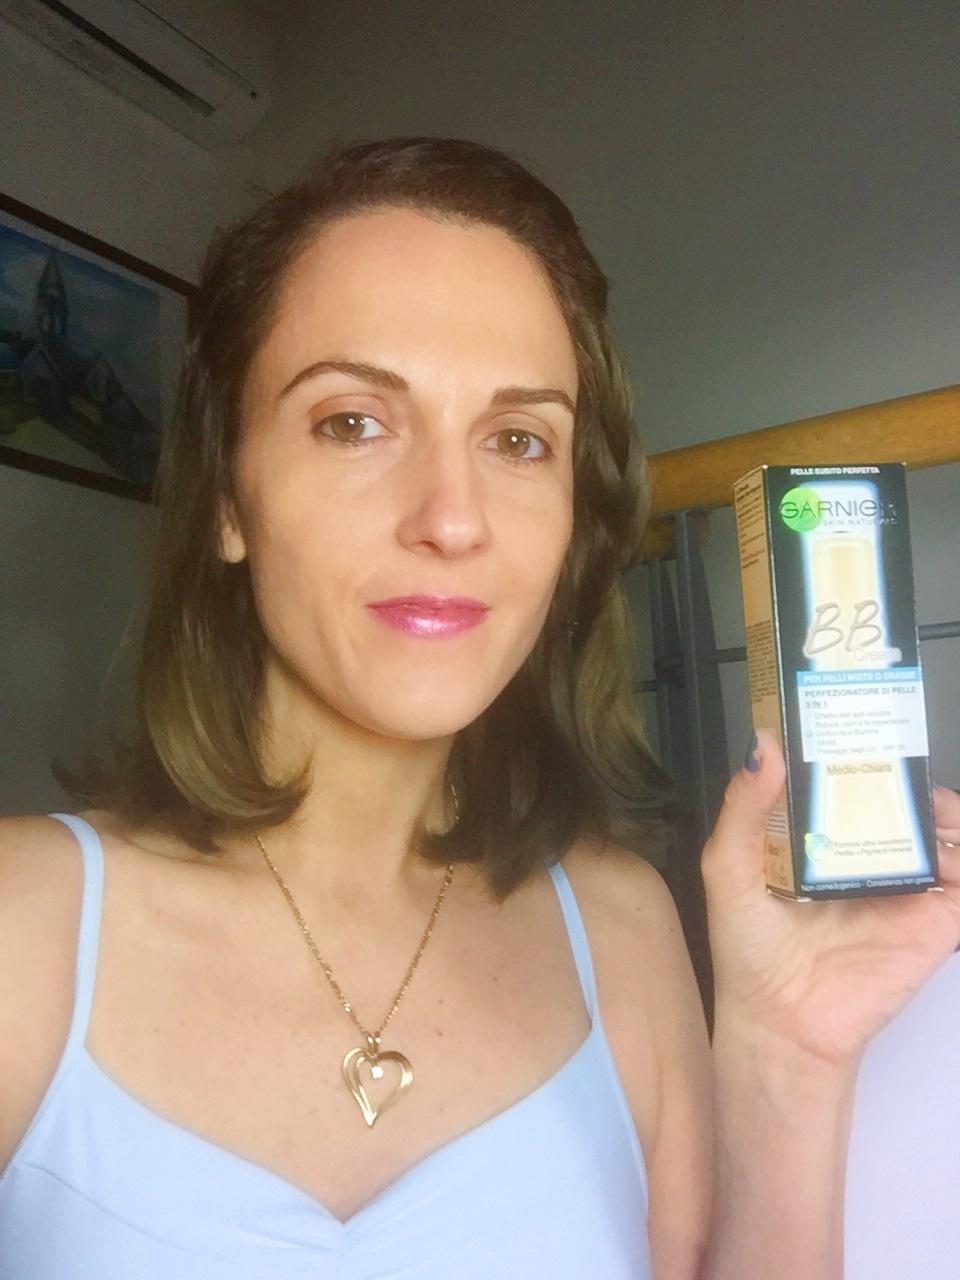 Fashion blogger, Fashion blog, Maggie Dallospedale fashion diary, fashion outfit, BB cream Perfezionatore di Pelle, Garnier, 11